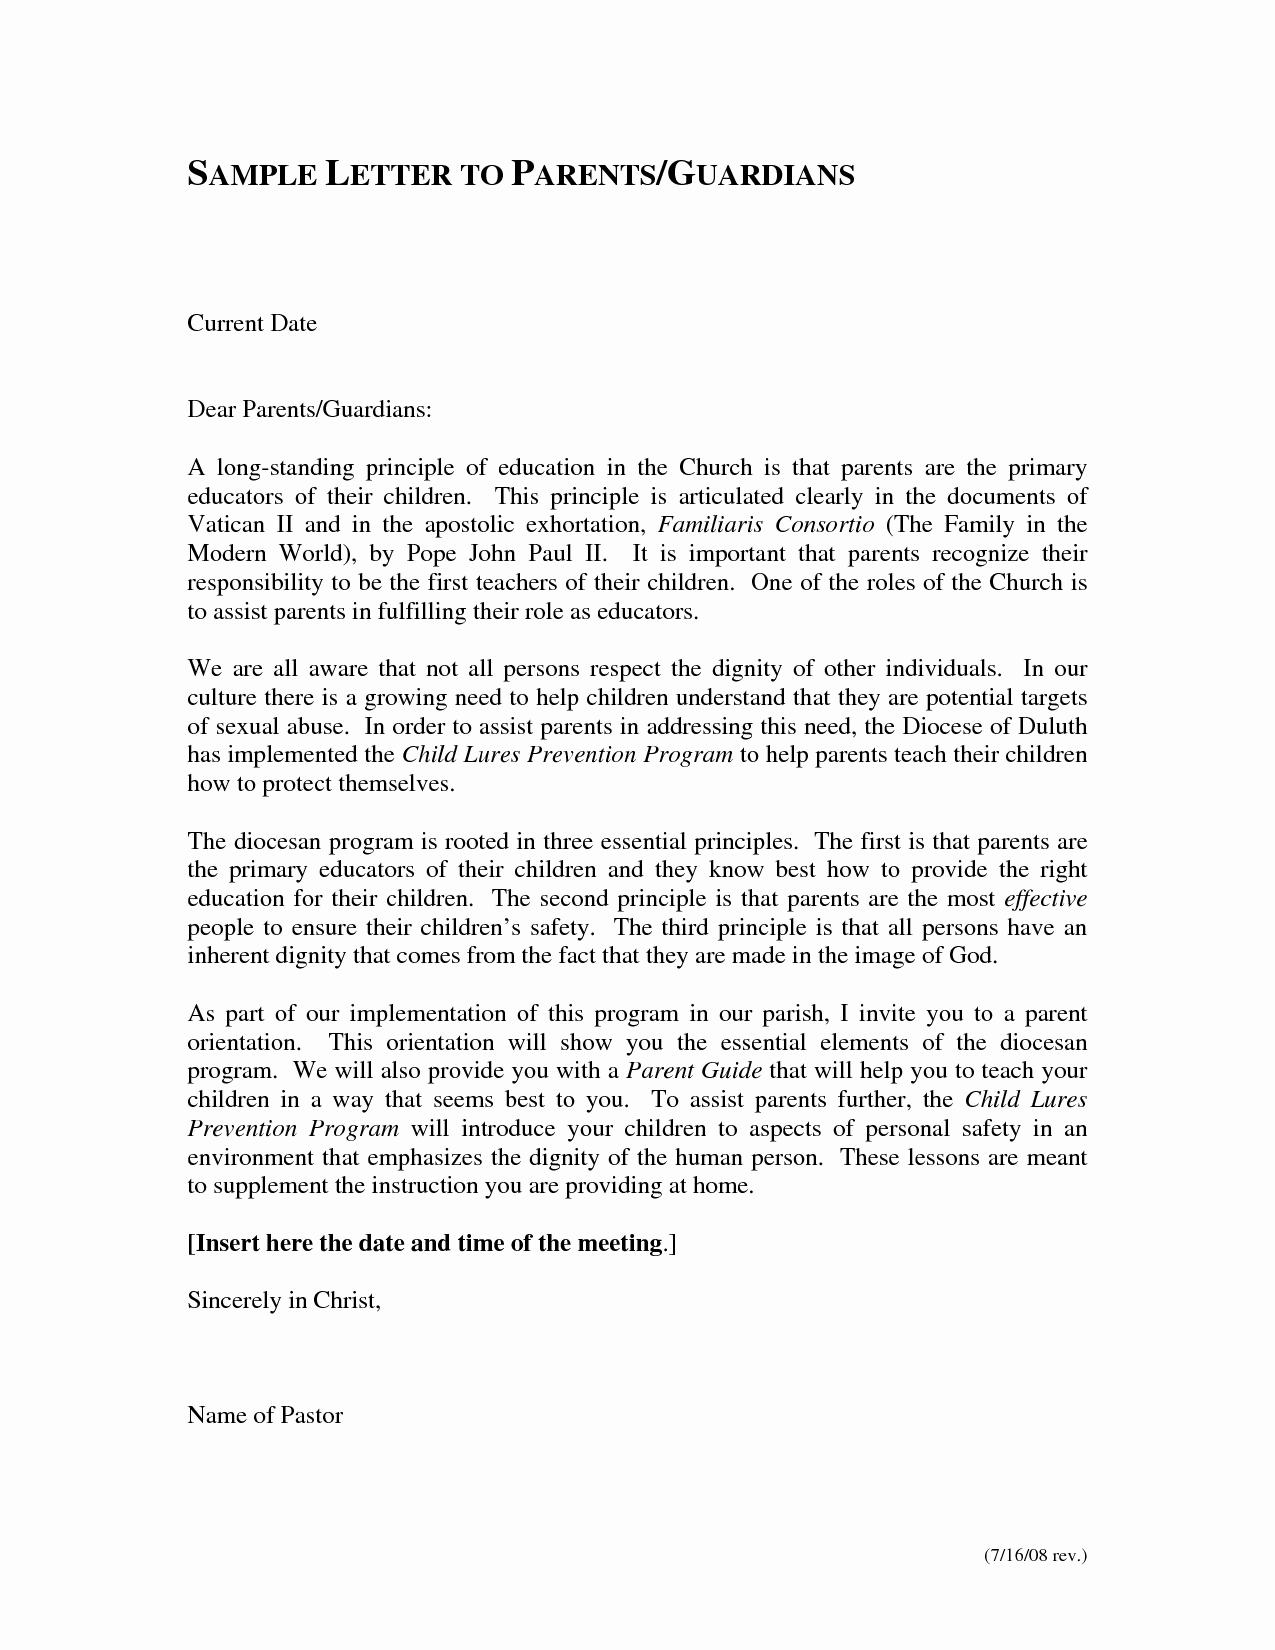 Letters to Parents Template Elegant Failure Letter to Parents Template Templates Station